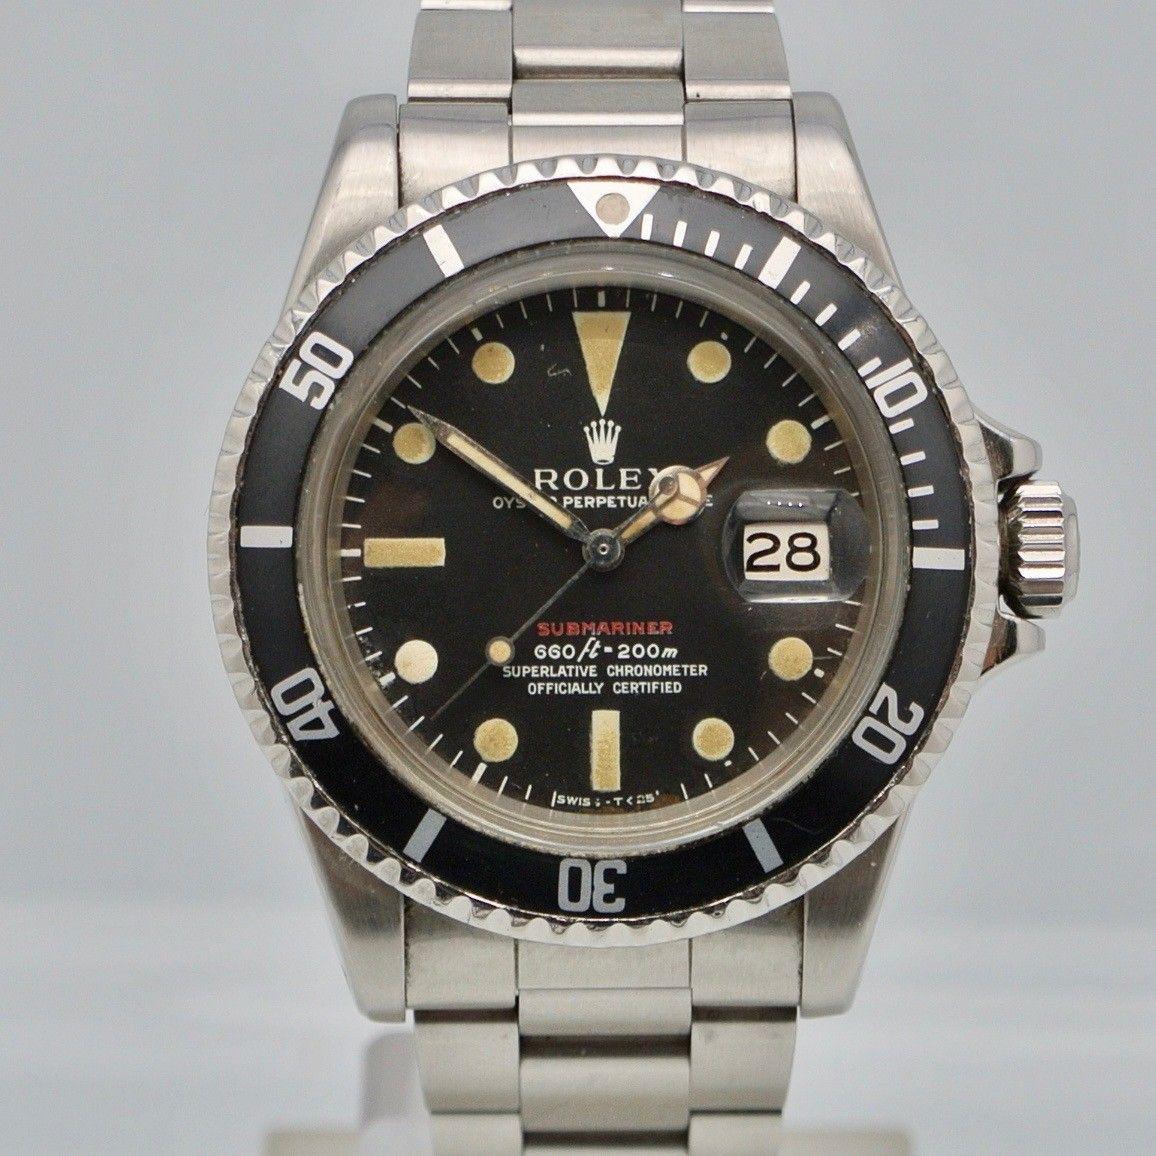 Rolex Submariner Date Red MK IV